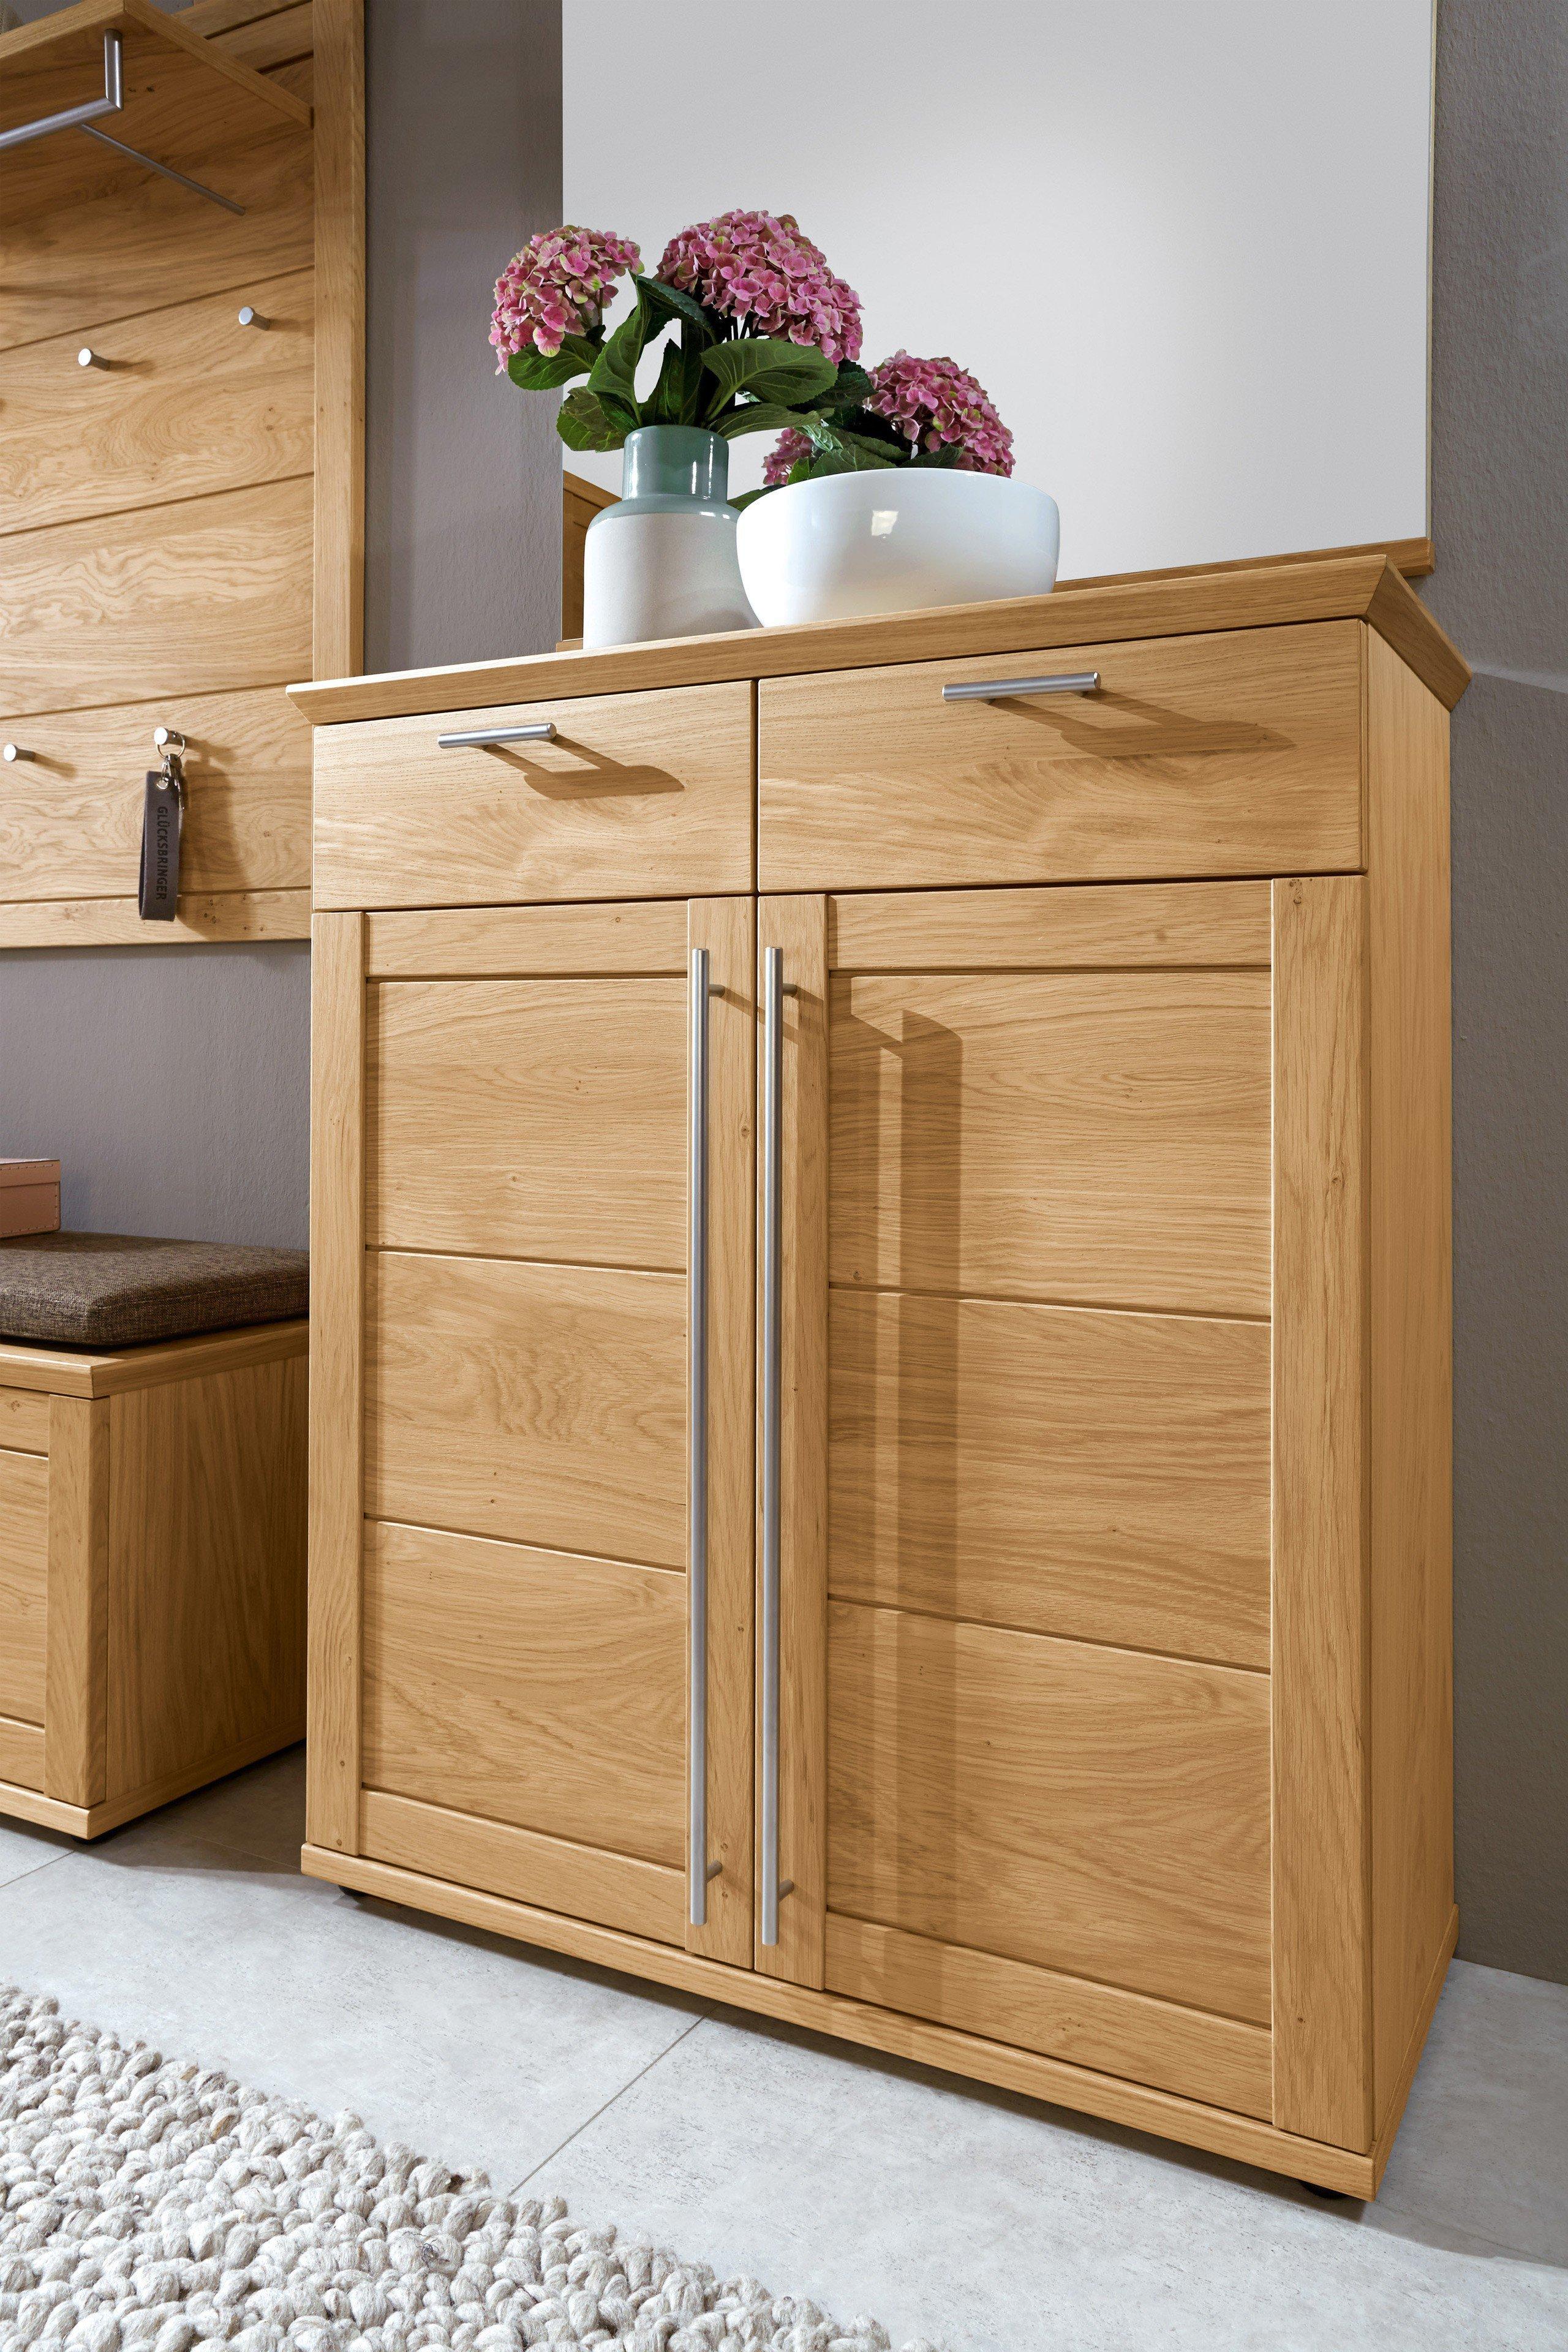 voss garderobe garda eiche furnier m bel letz ihr online shop. Black Bedroom Furniture Sets. Home Design Ideas